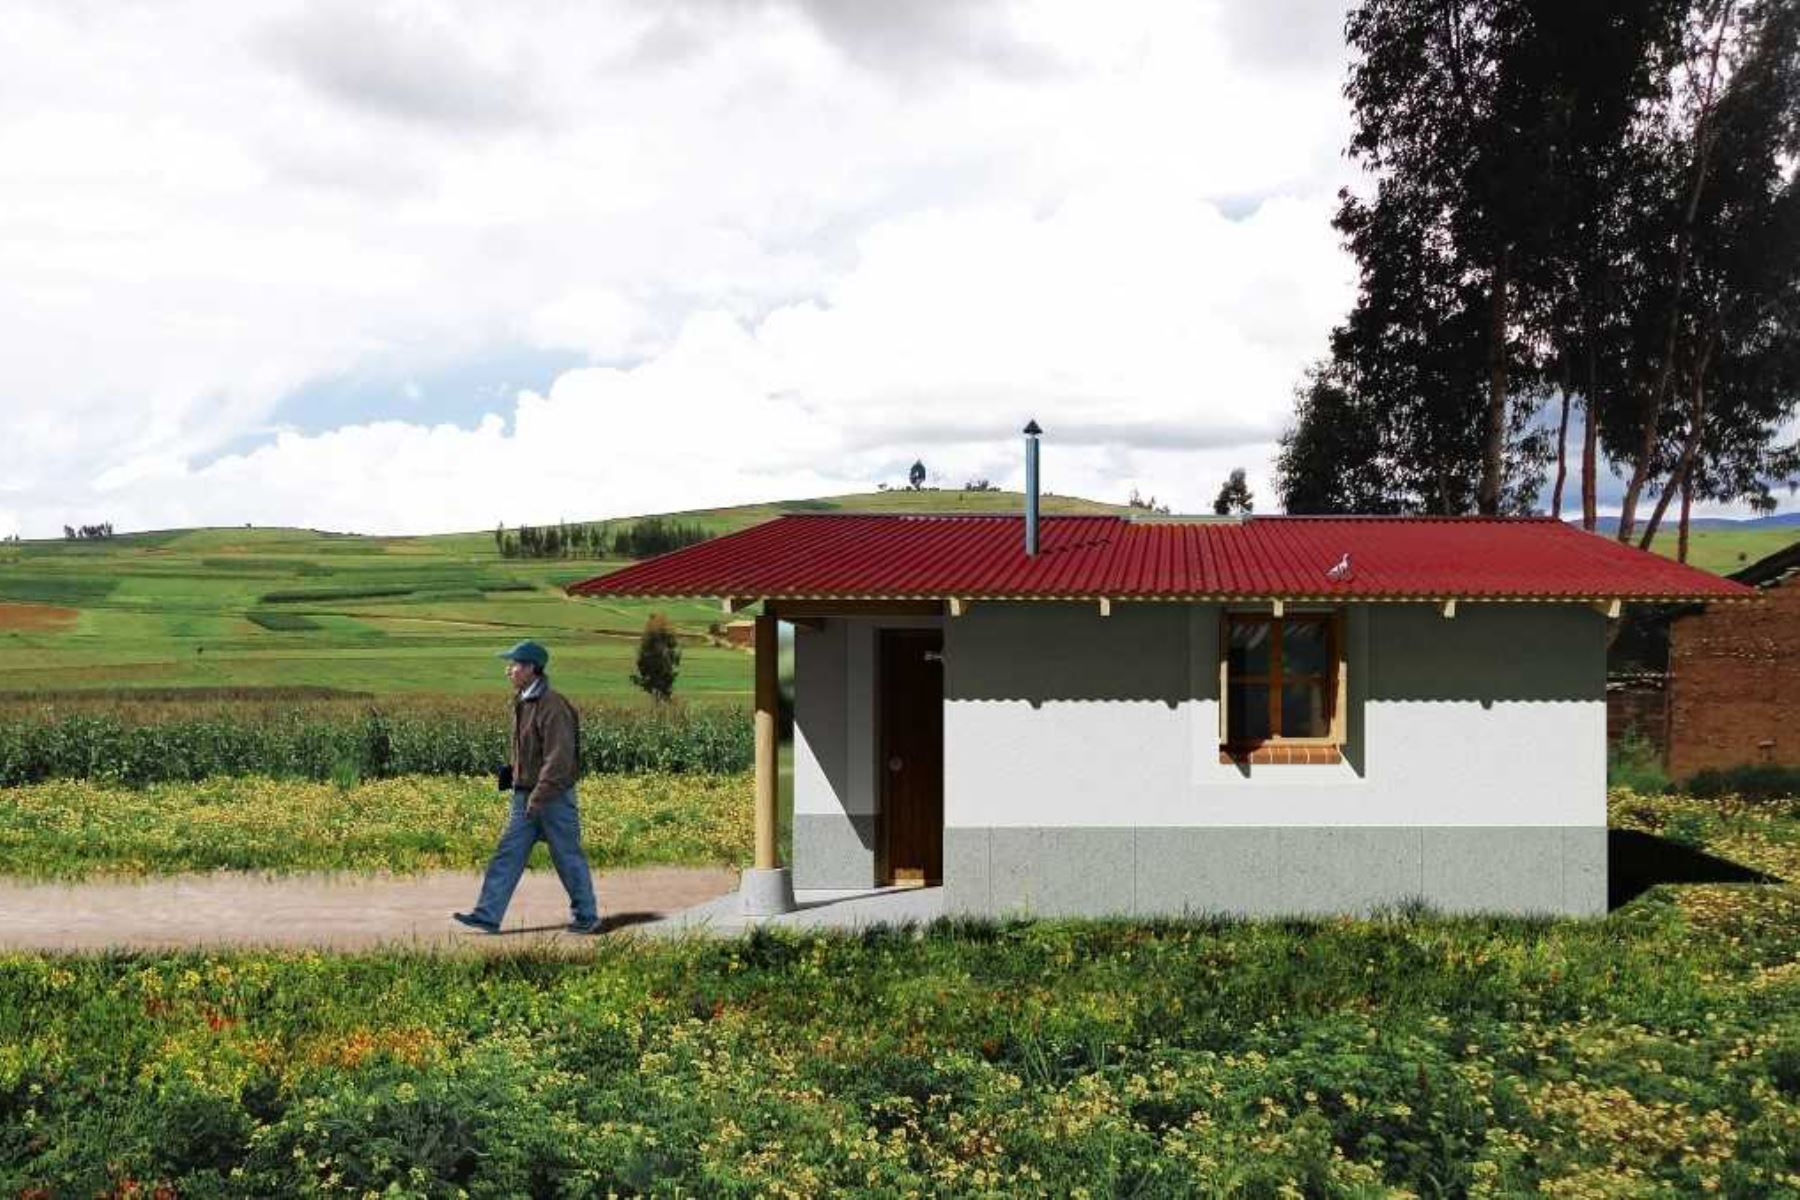 El Ministerio de Vivienda, Construcción y Saneamiento entregó 472 viviendas bioclimáticas en los centros poblados de Santa Rosa, Chauchura y Vista Alegre, en el distrito ayacuchano de Paras, provincia de Cangallo.